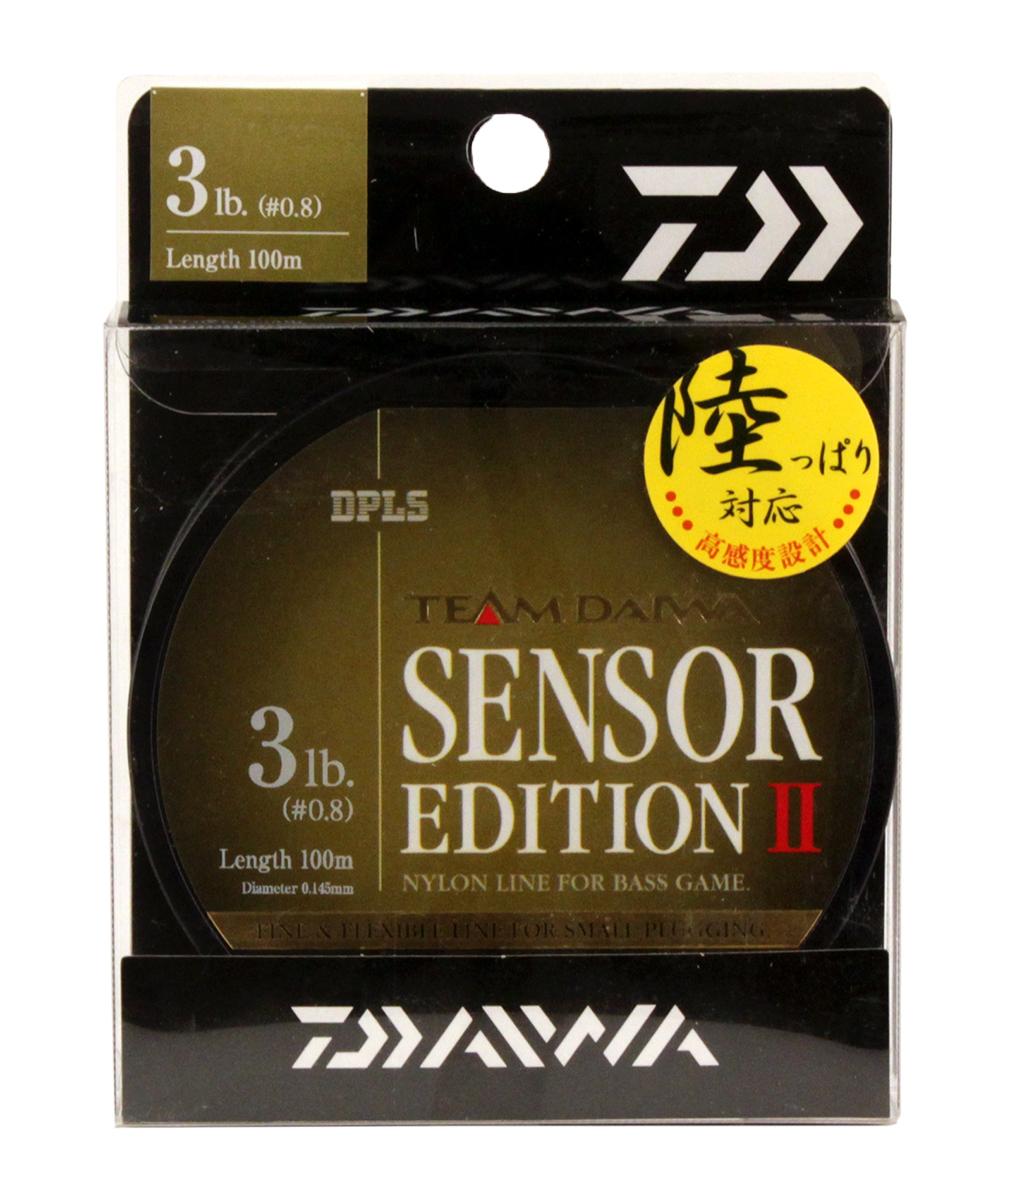 Леска Daiwa TD Sensor Edition II, цвет: оливковый, 3 lb, 100 м